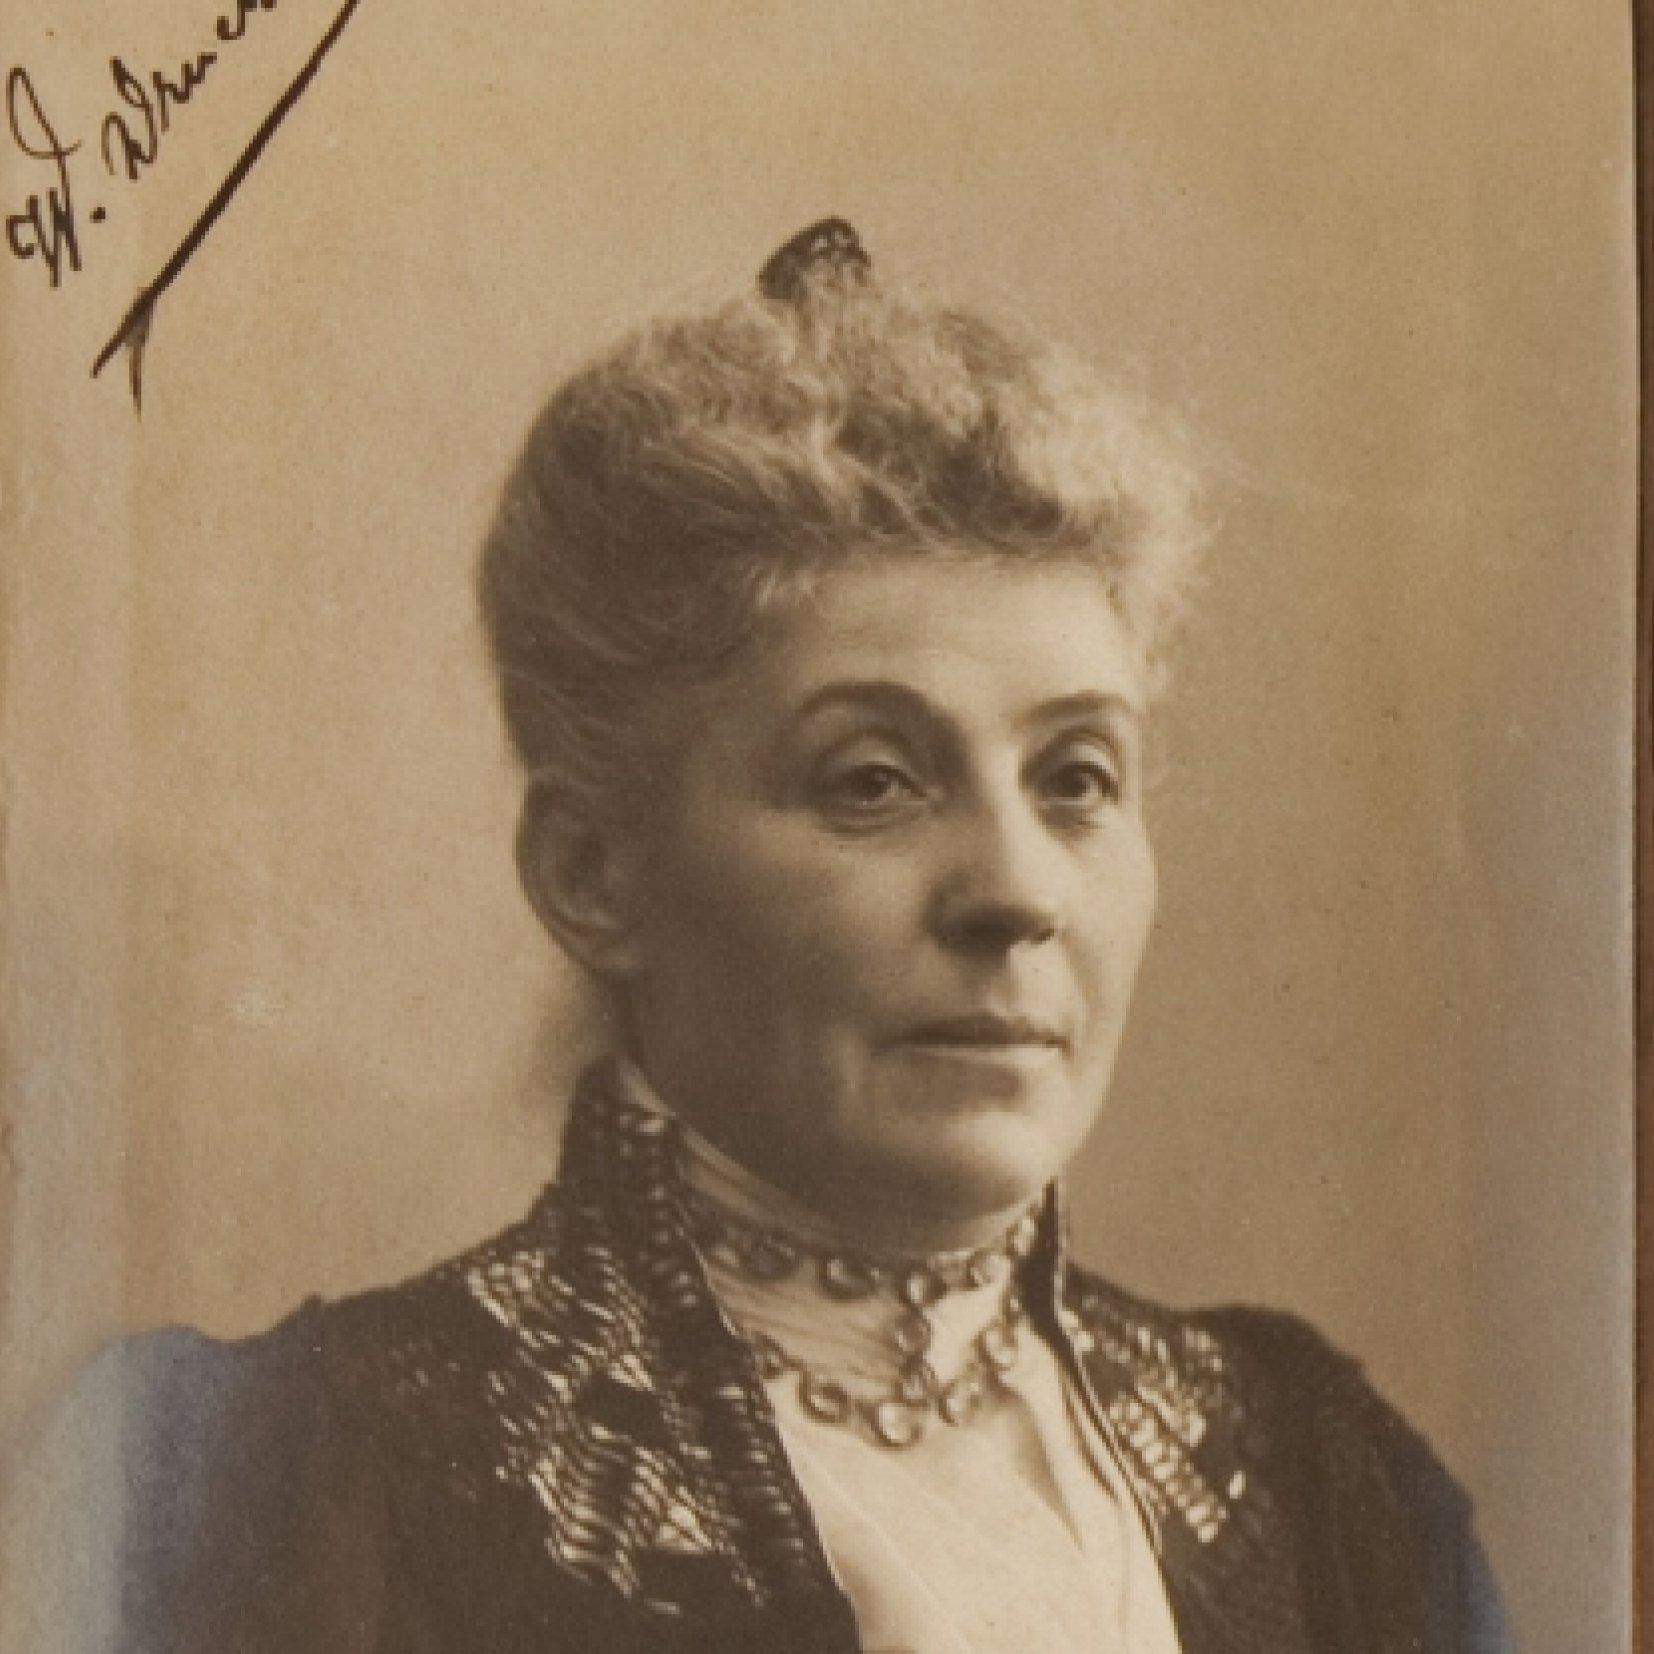 Wilhelmina Drucker, 1905